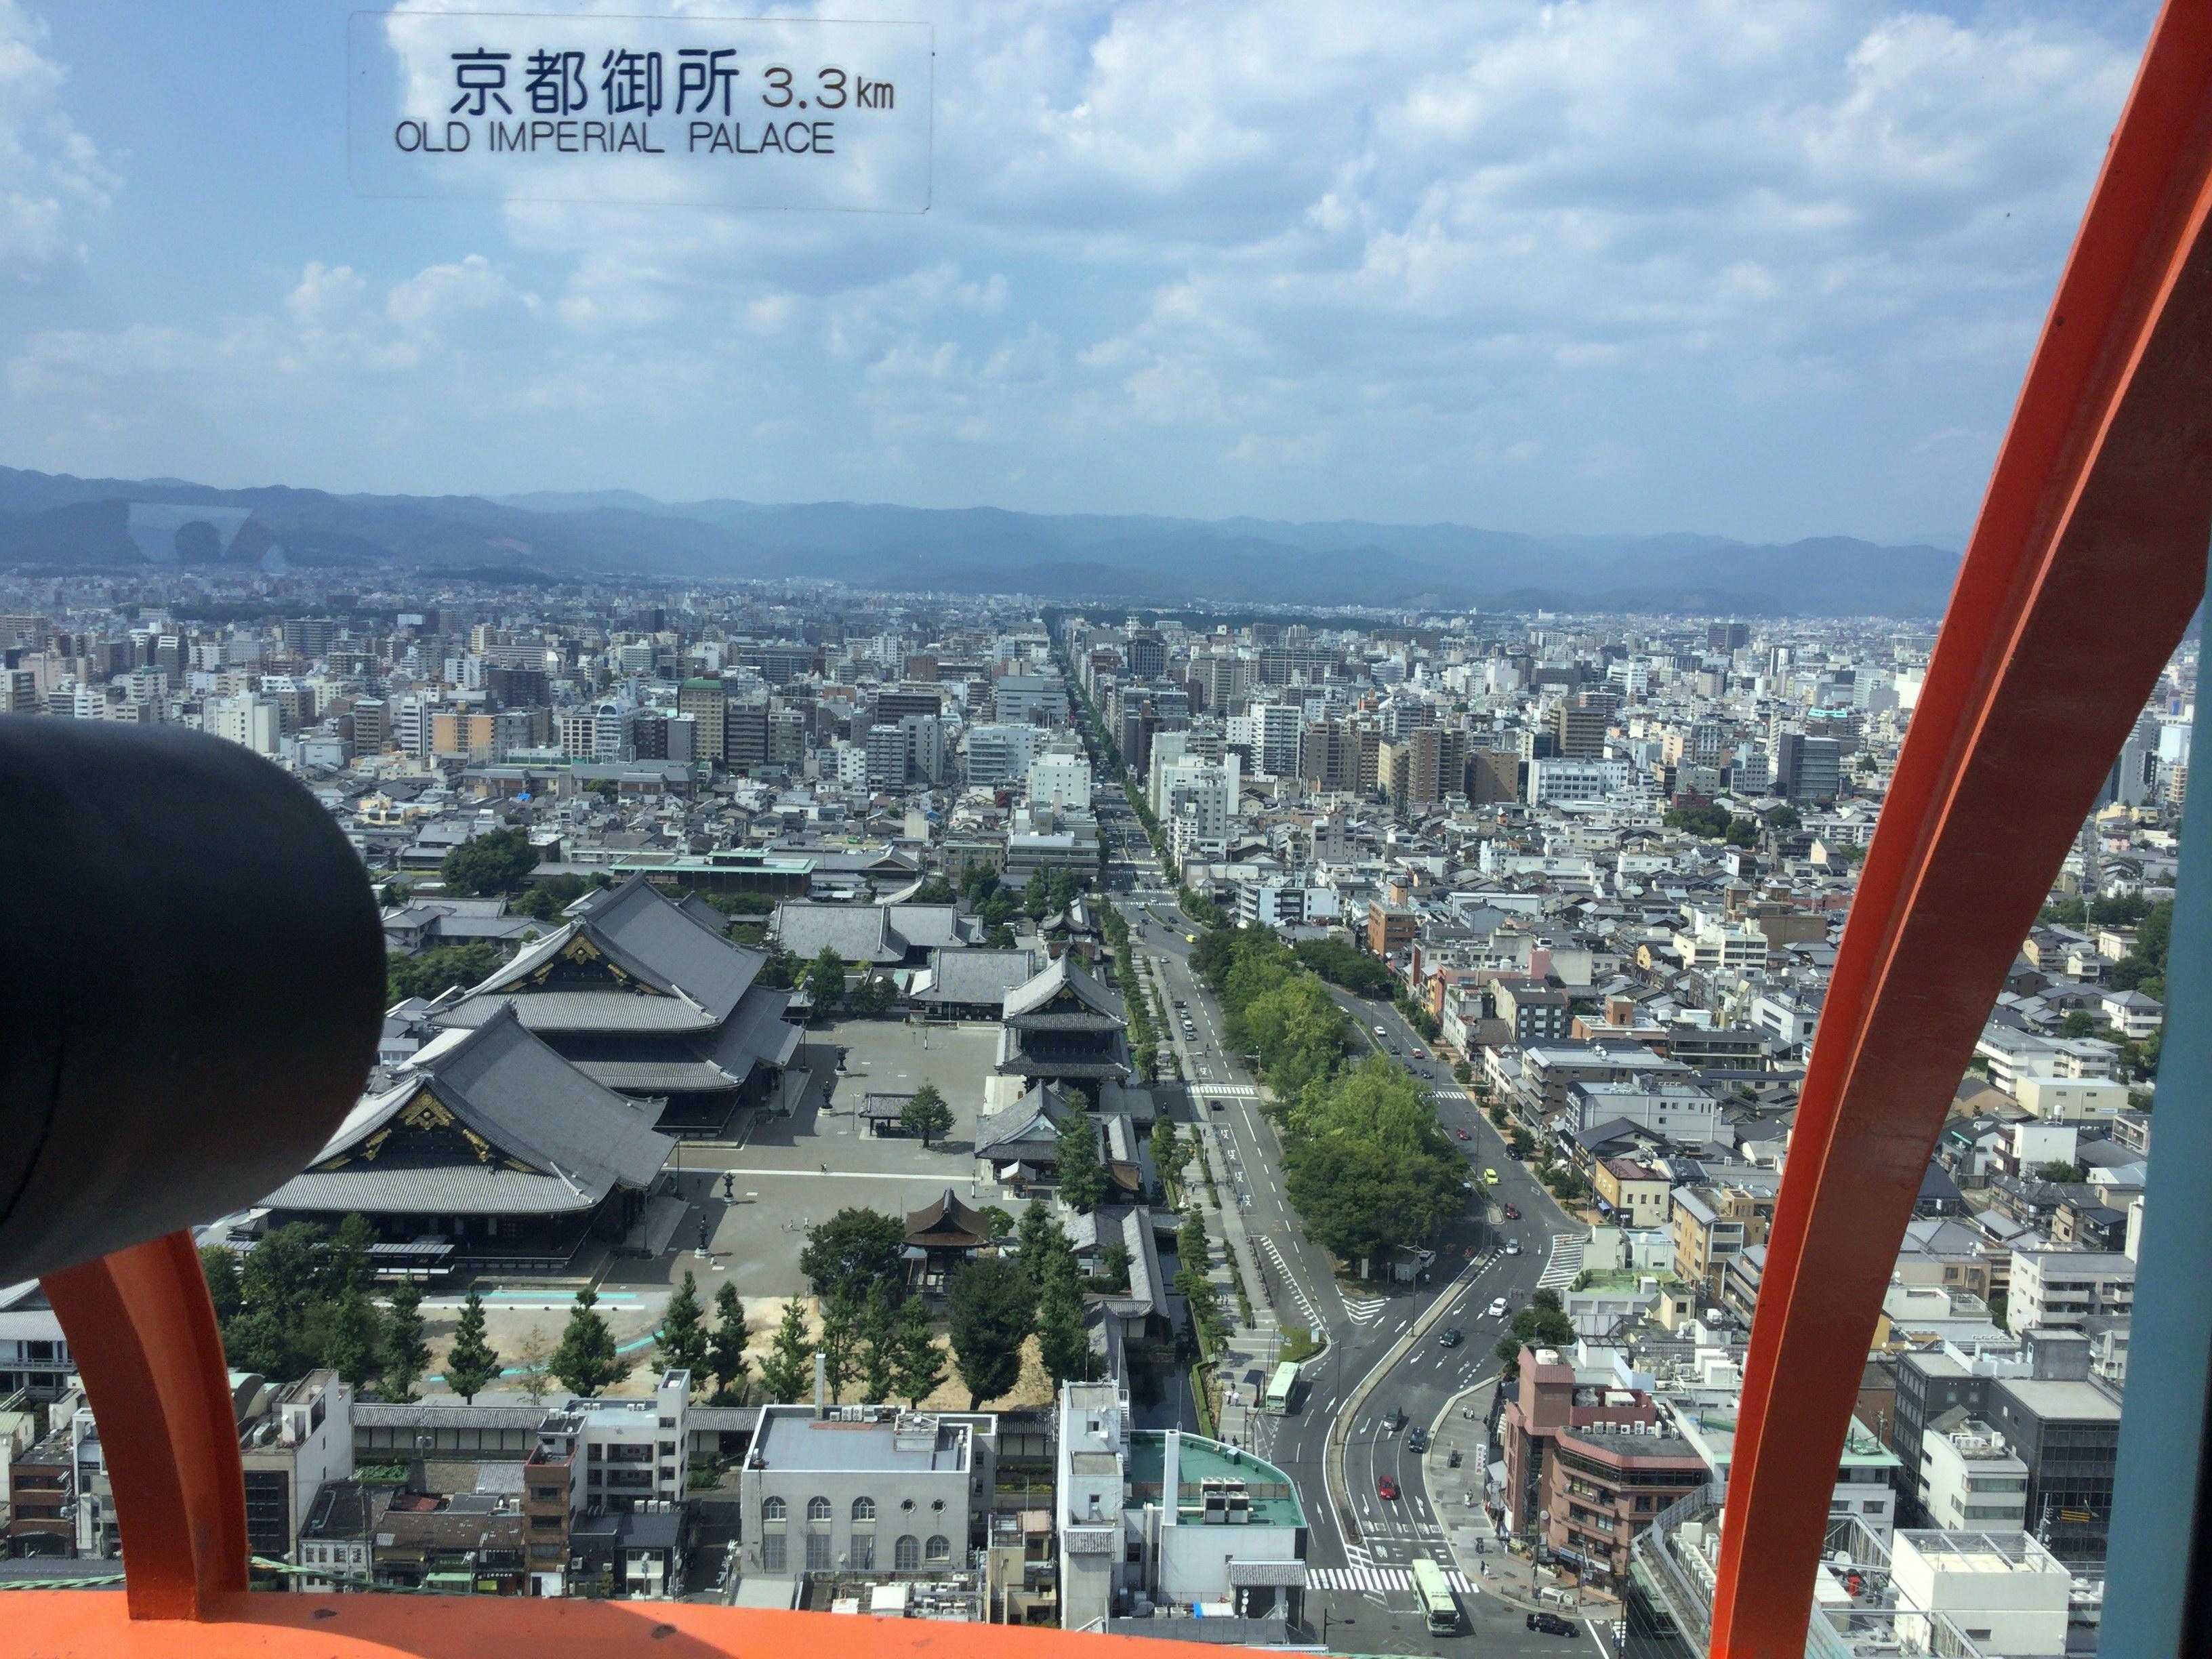 東本願寺、京都御所、府庁、西陣、二条城方面